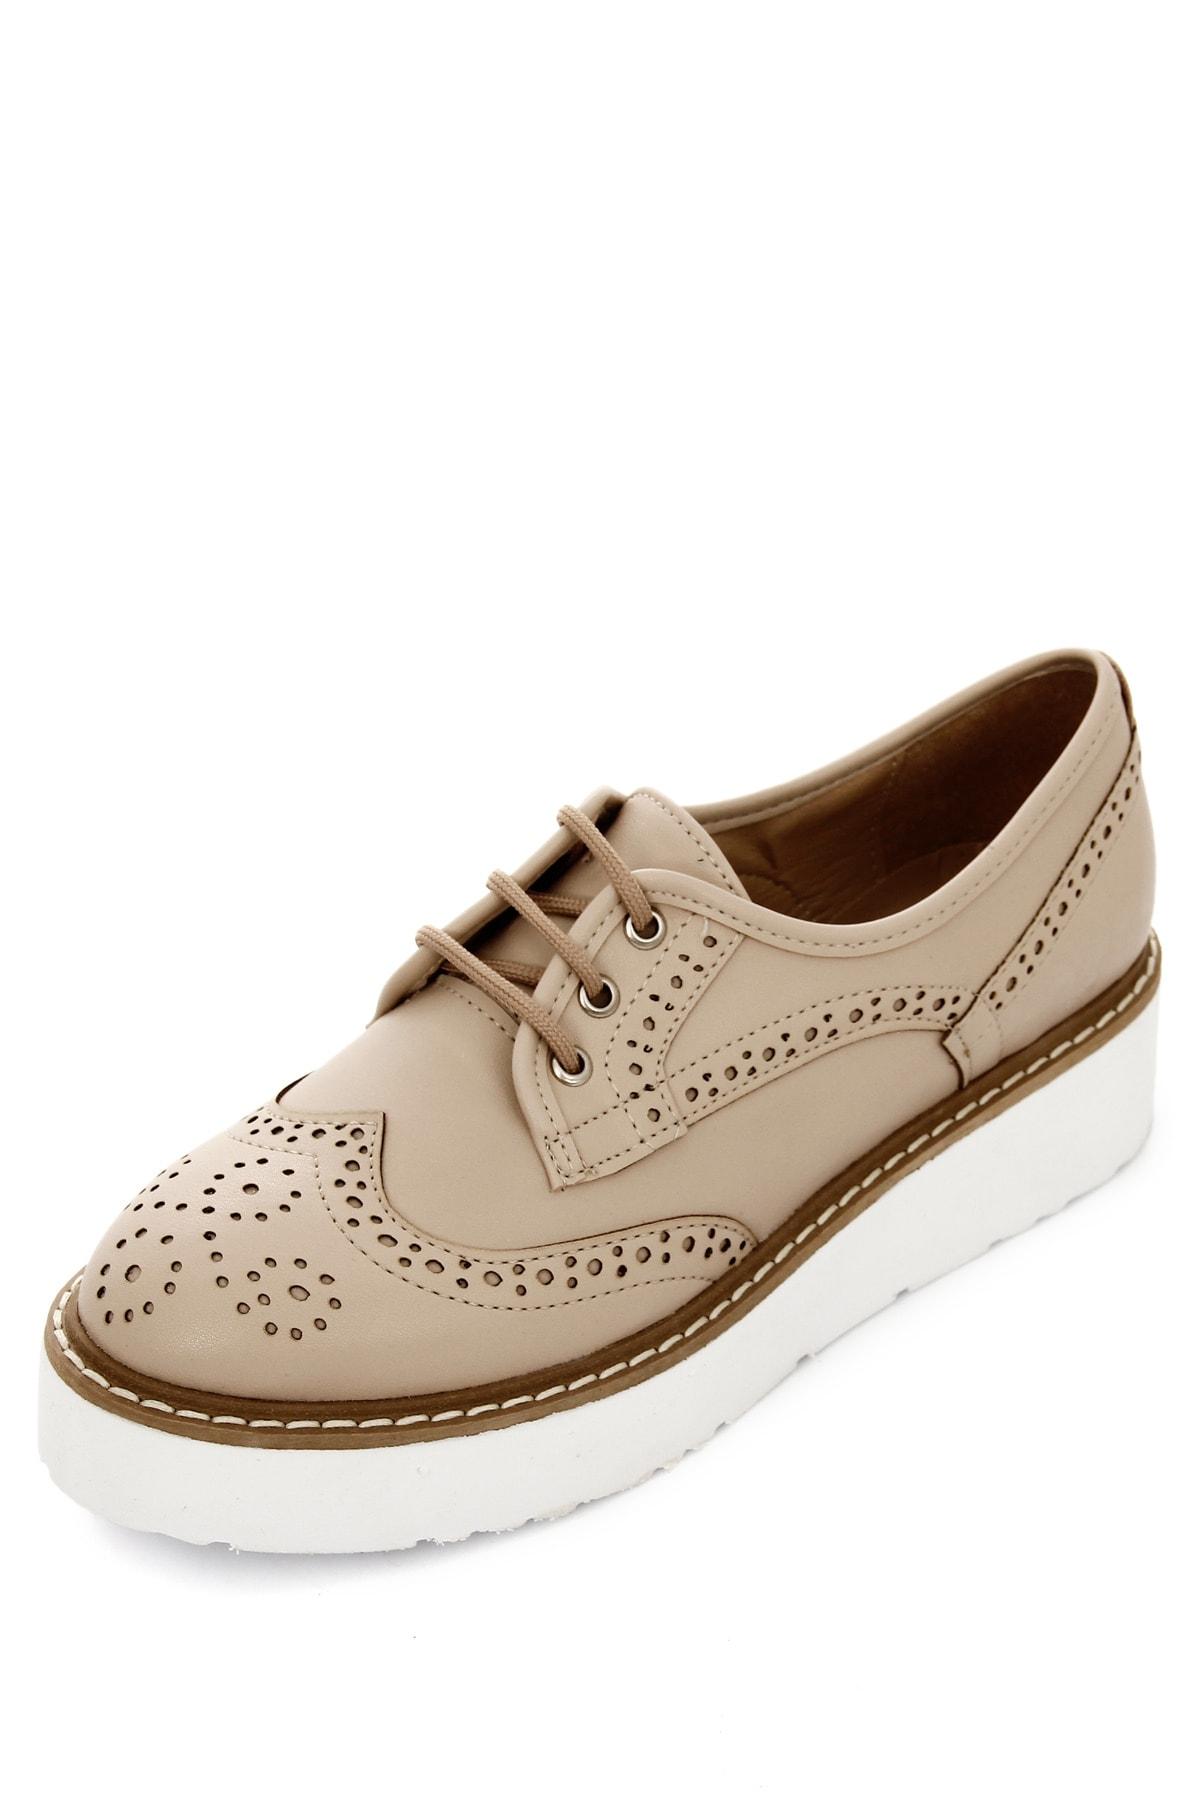 GÖNDERİ(R) Ten Kadın Günlük (Casual) Ayakkabı 38911 2